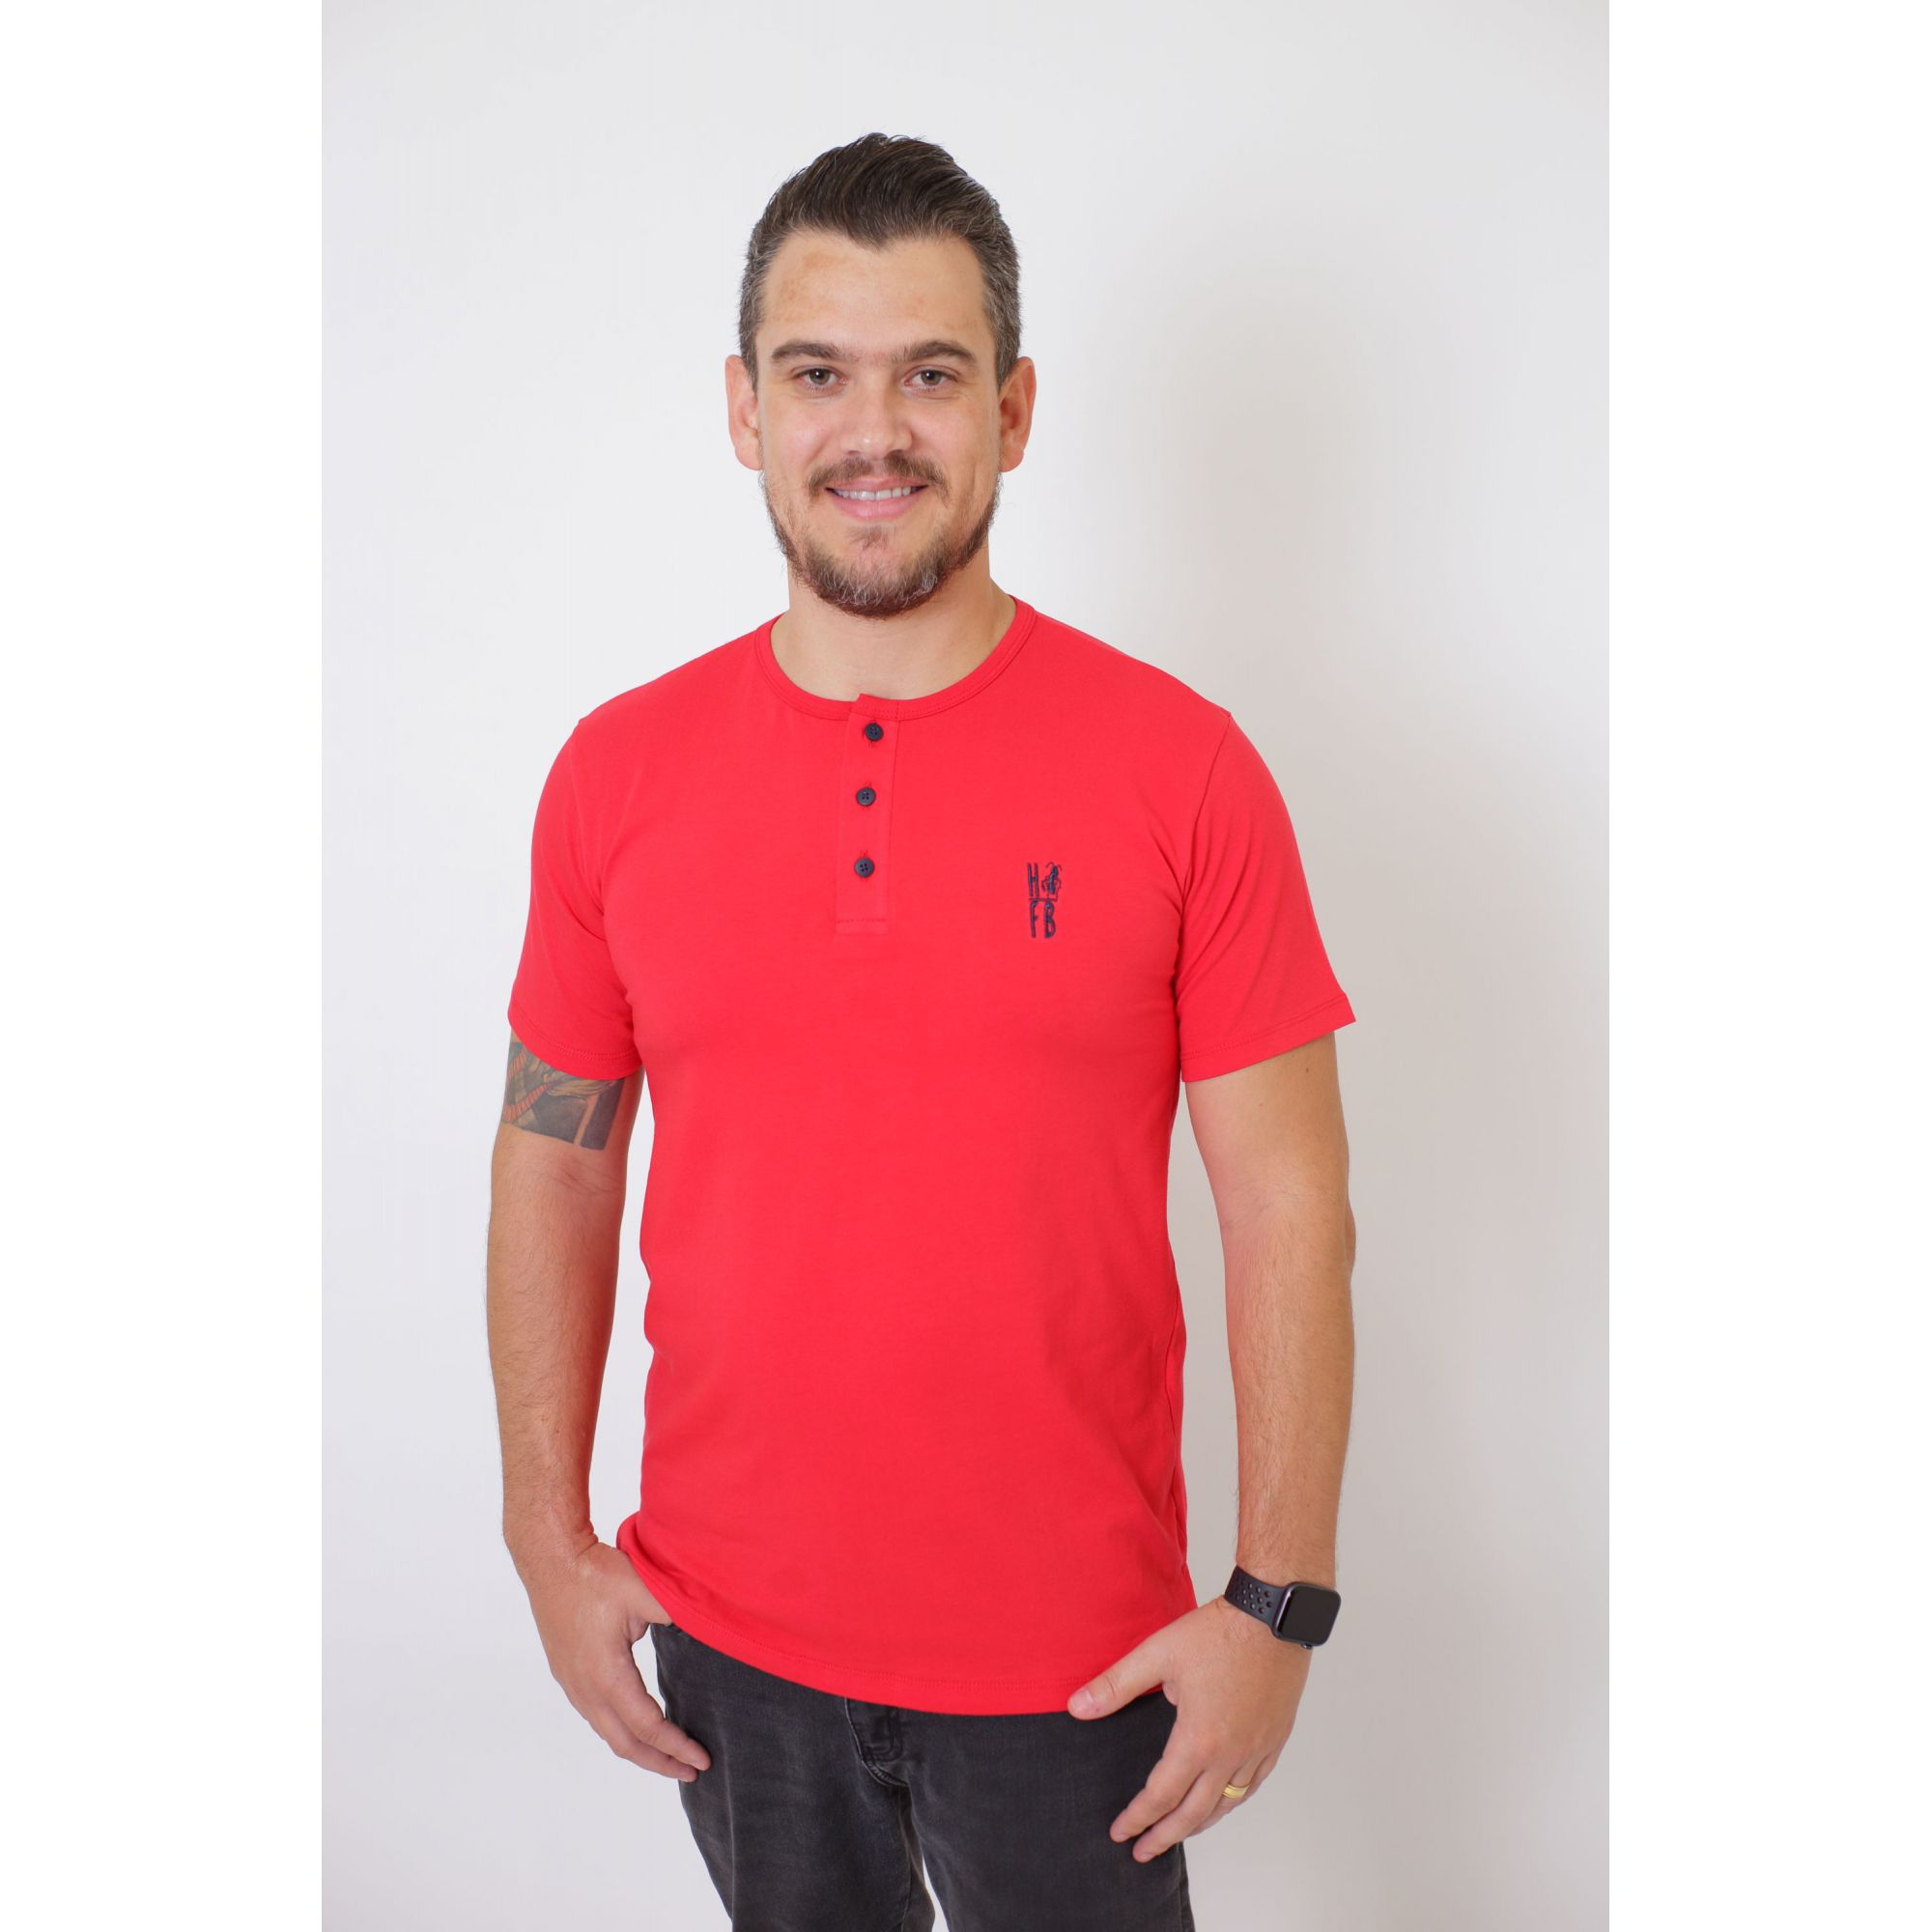 PAIS E FILHOS > Kit 3 Peças - T-Shirts + Body Henley - Vermelho [Coleção Família]  - Heitor Fashion Brazil